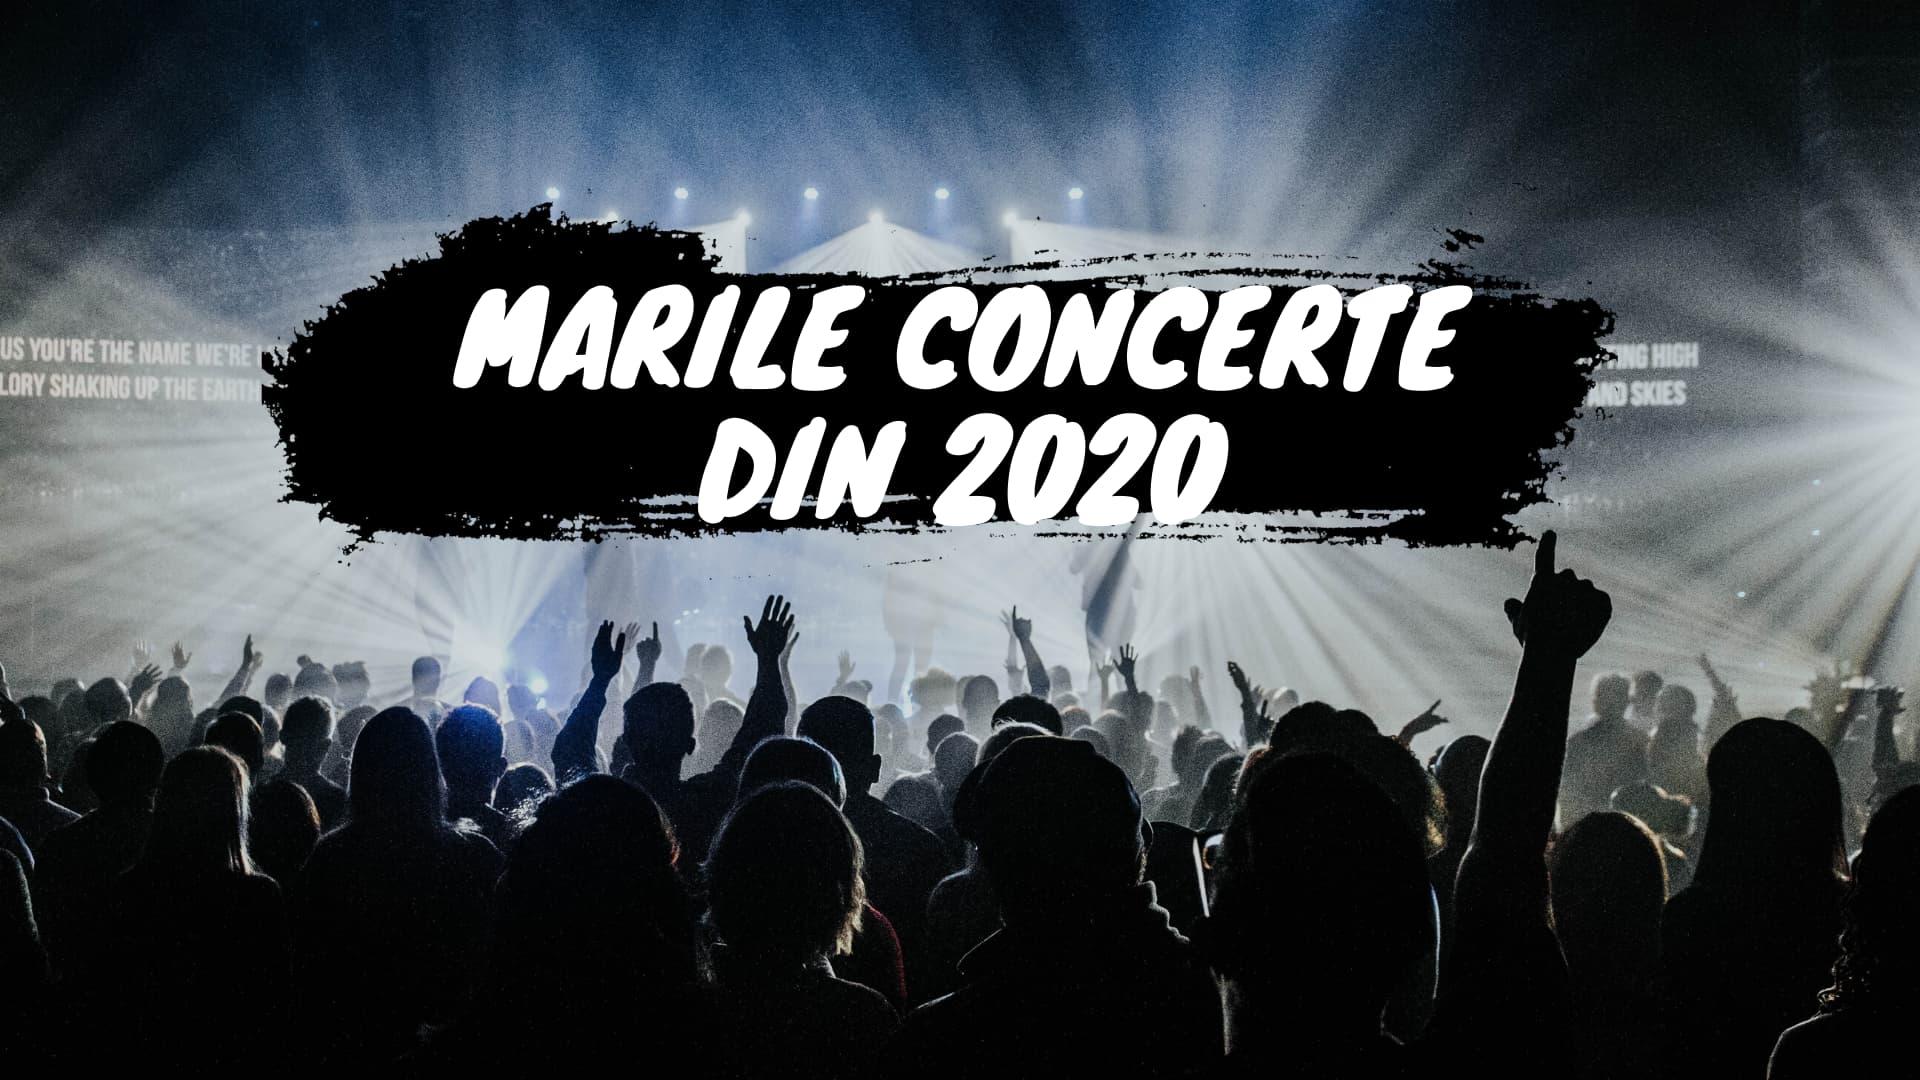 Marile concerte din 2020 în România